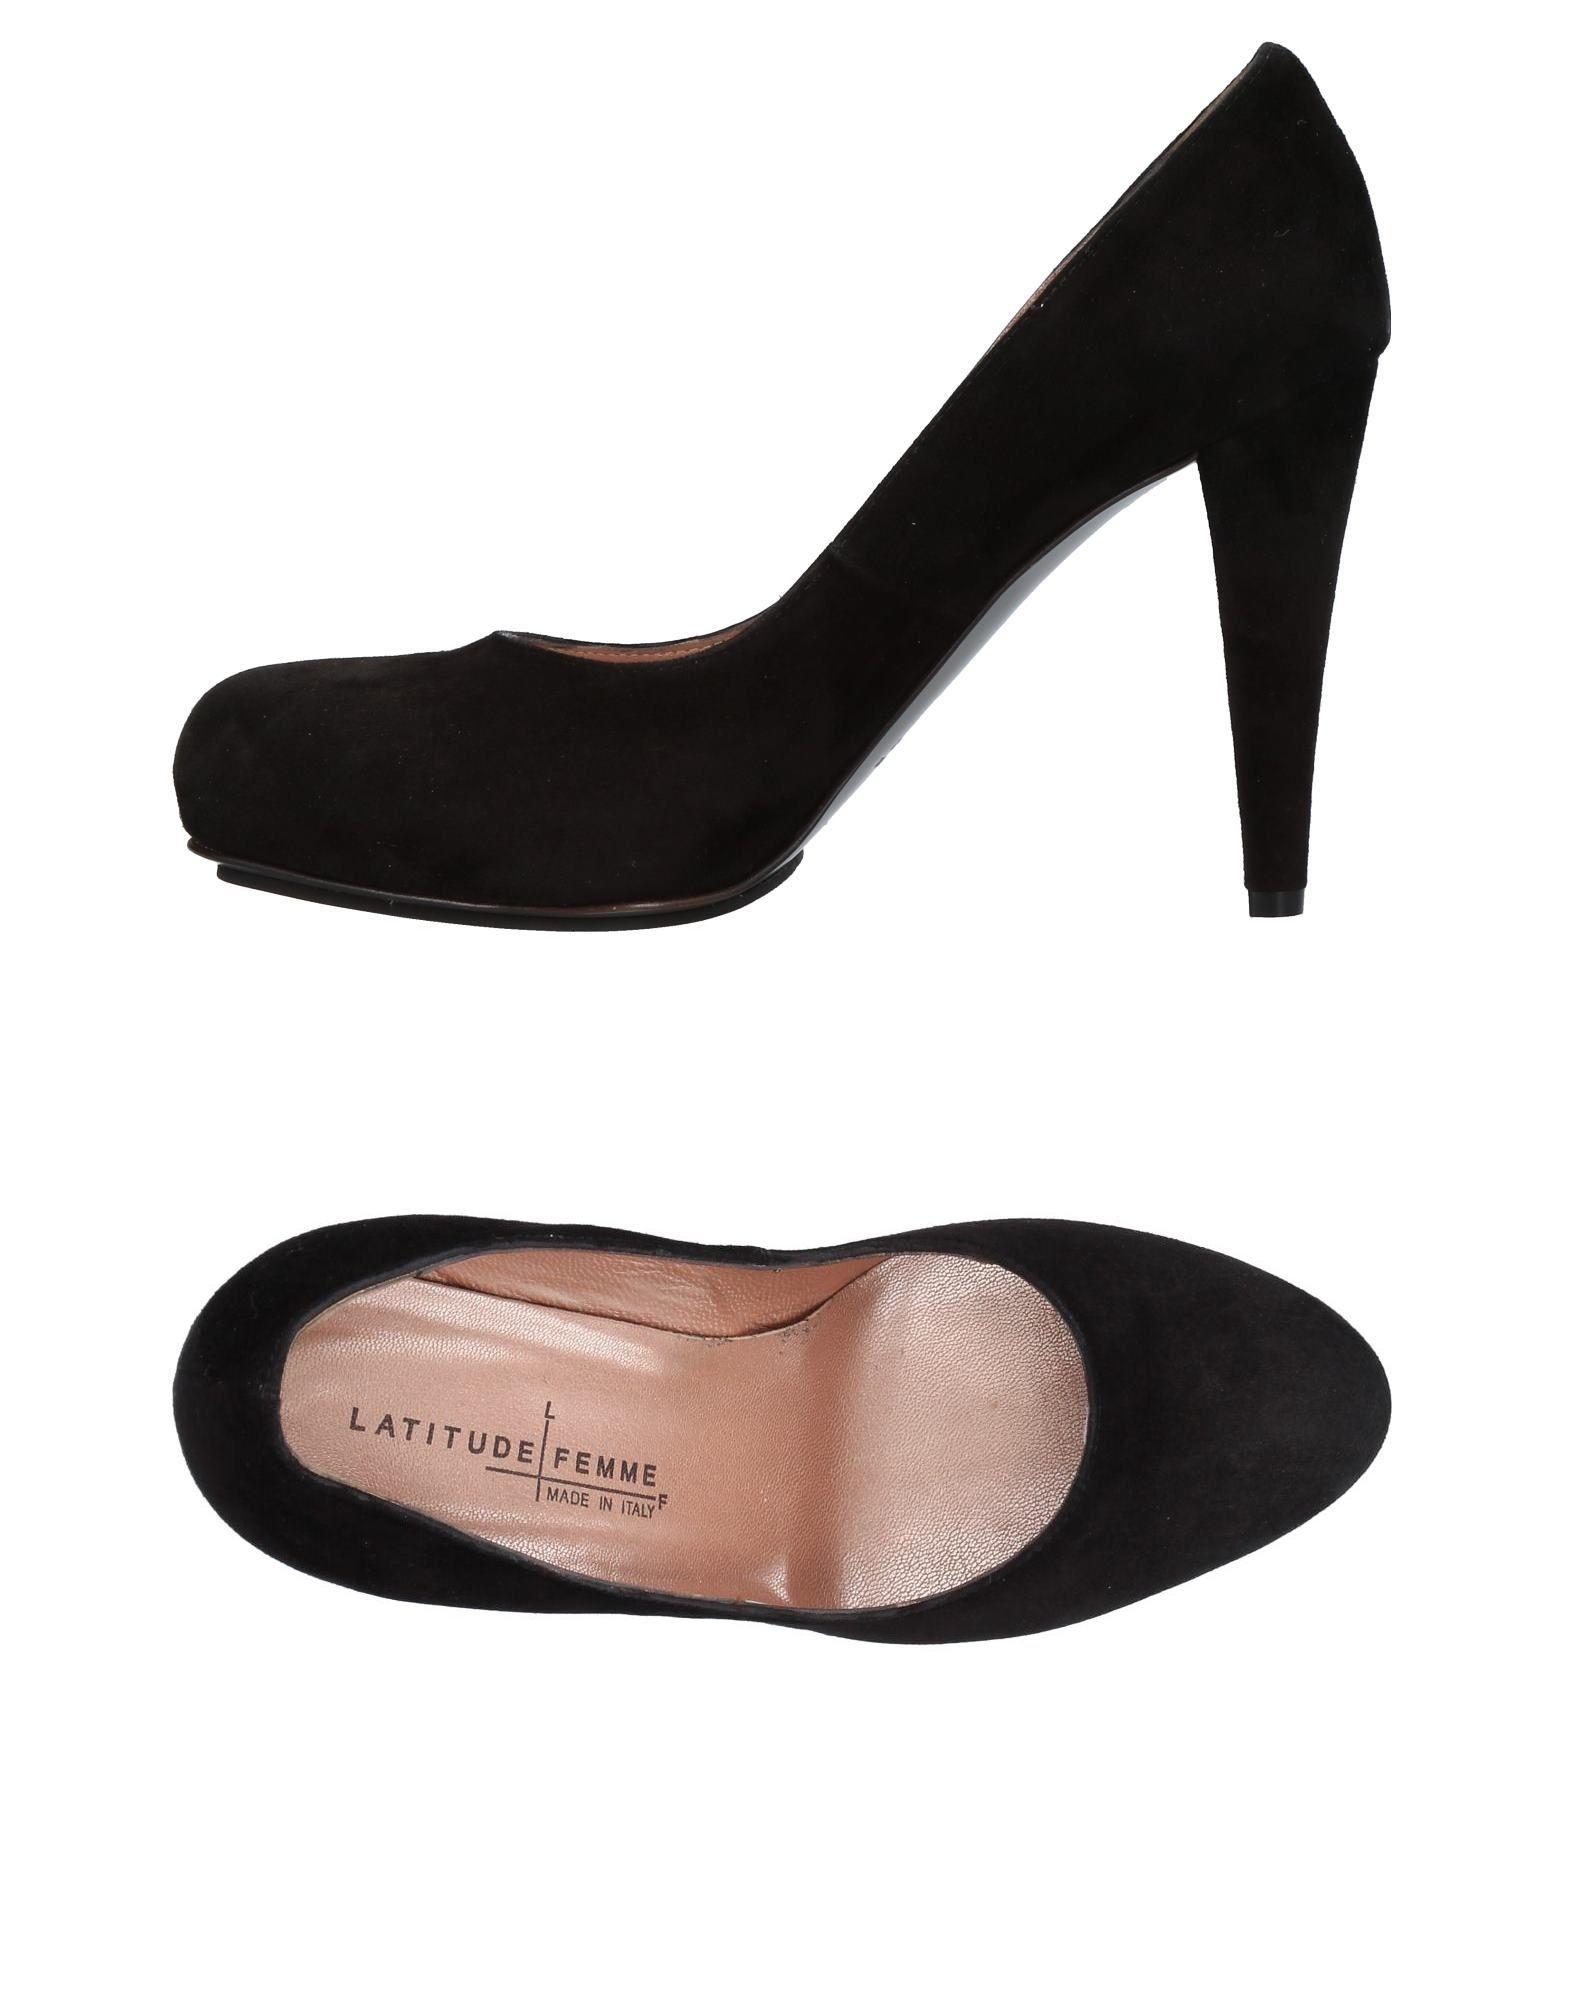 Latitude Femme Pumps Damen  11368840GN Gute Qualität beliebte Schuhe